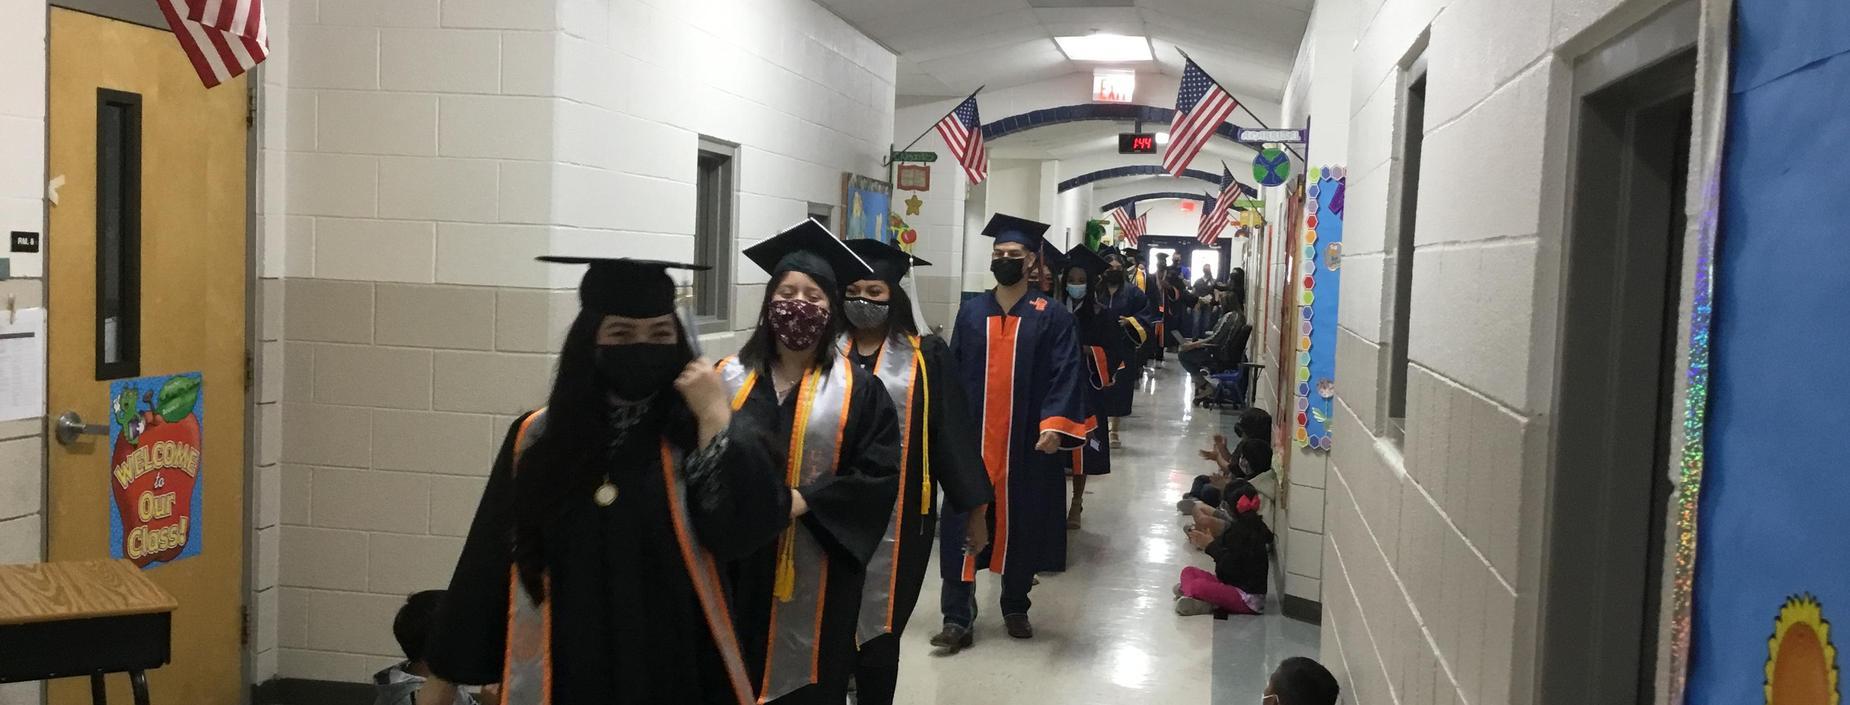 Grads Parade Image